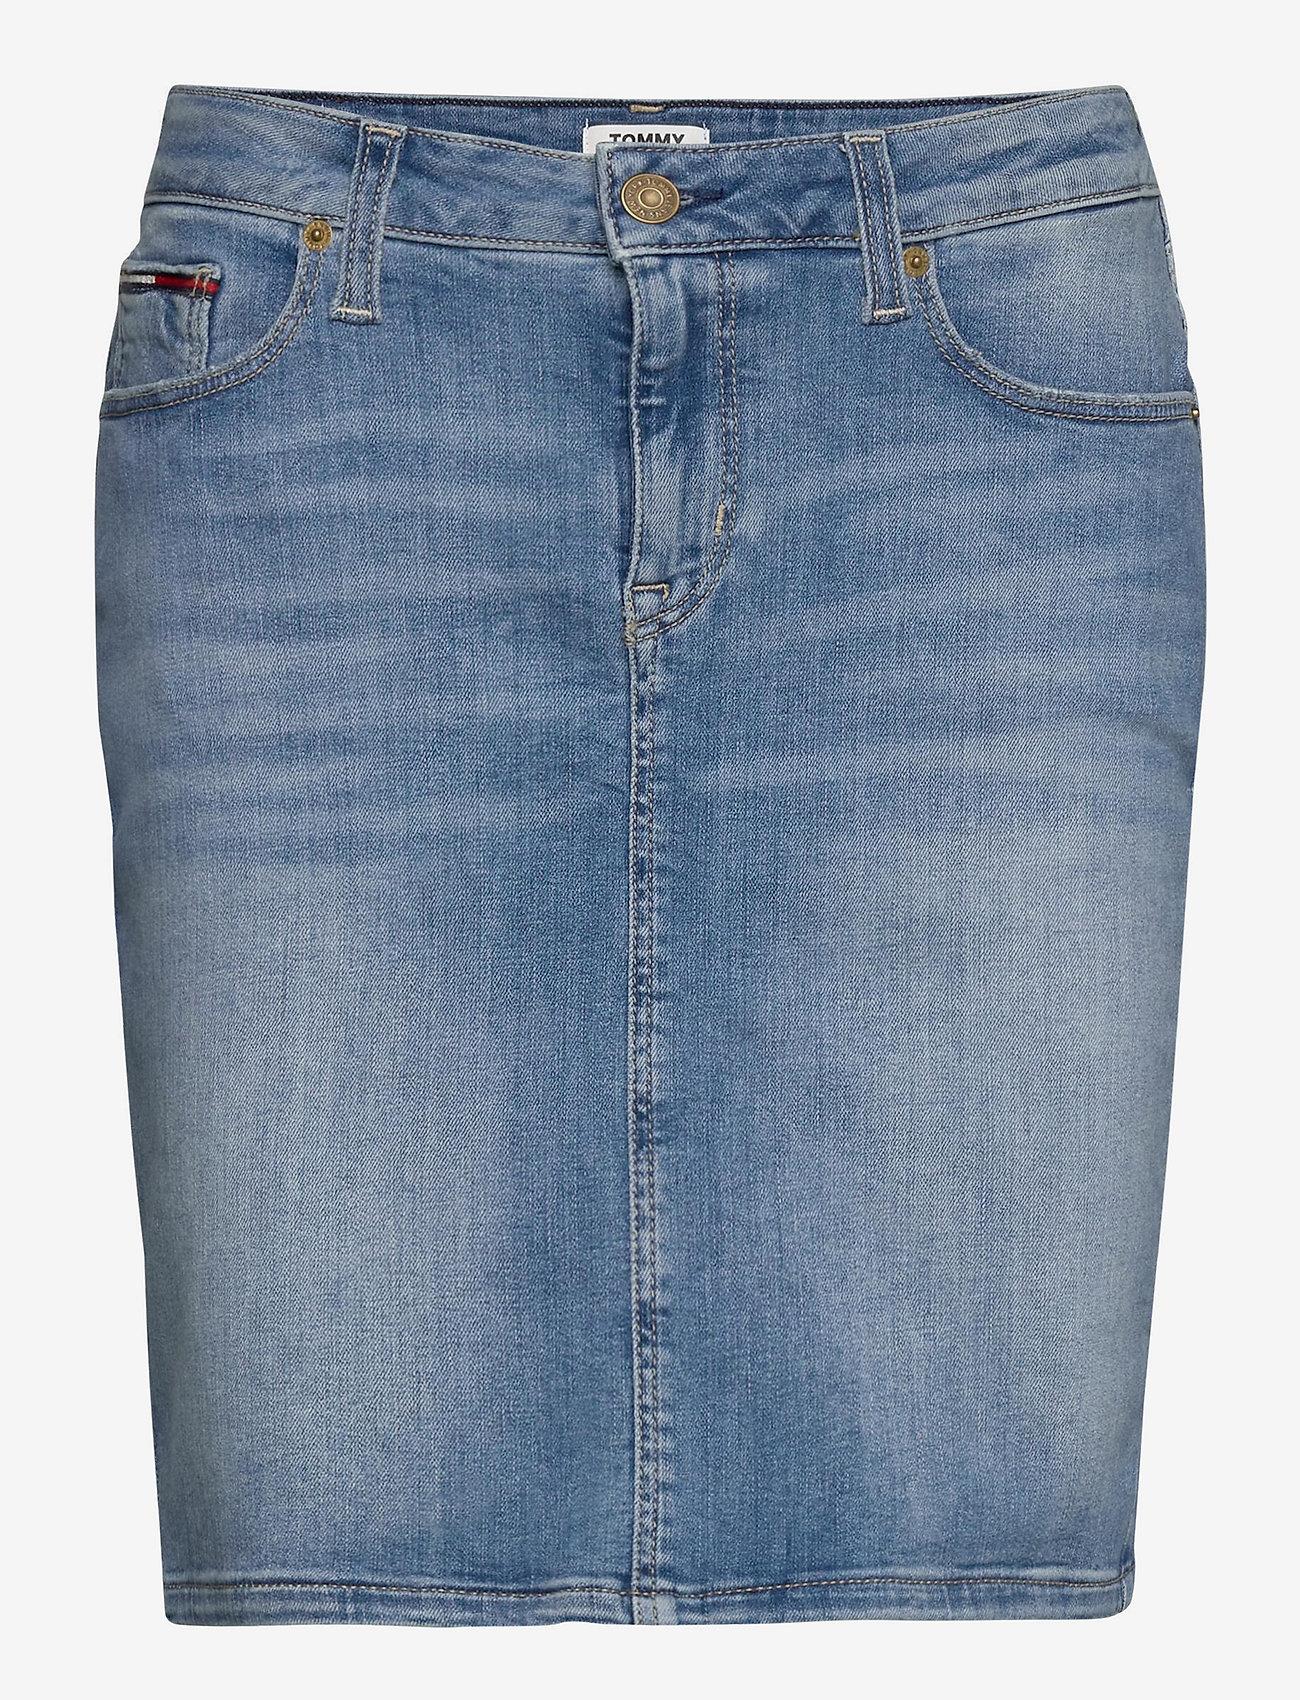 Tommy Jeans - CLASSIC DENIM SKIRT - denimnederdele - victoria lt bl str - 0